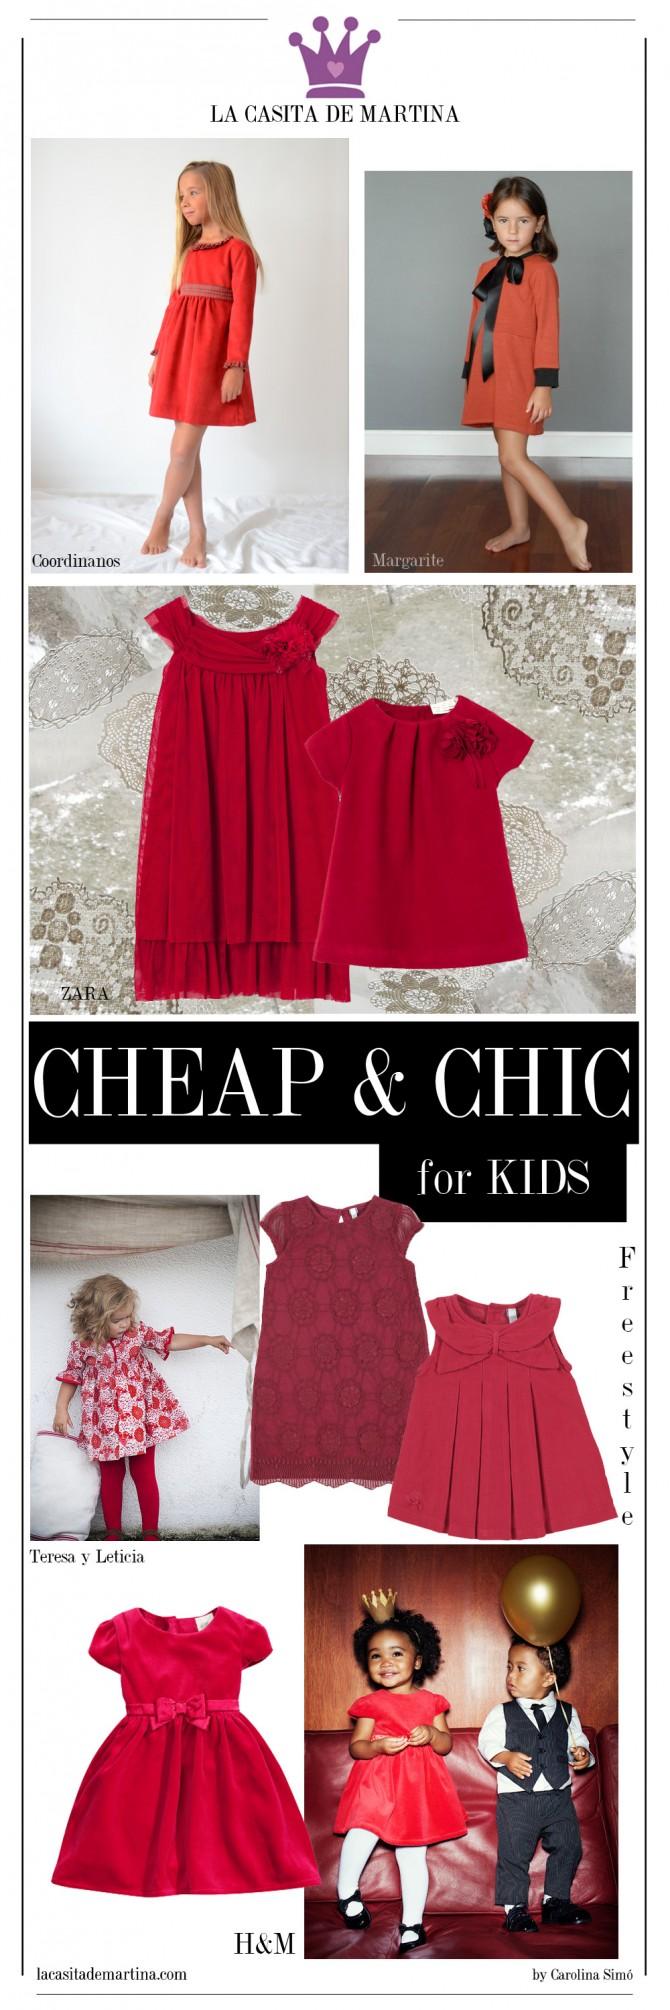 Vestidos Navidad Niños, Zara Niños, Blog Moda Infantil, La casita de Martina